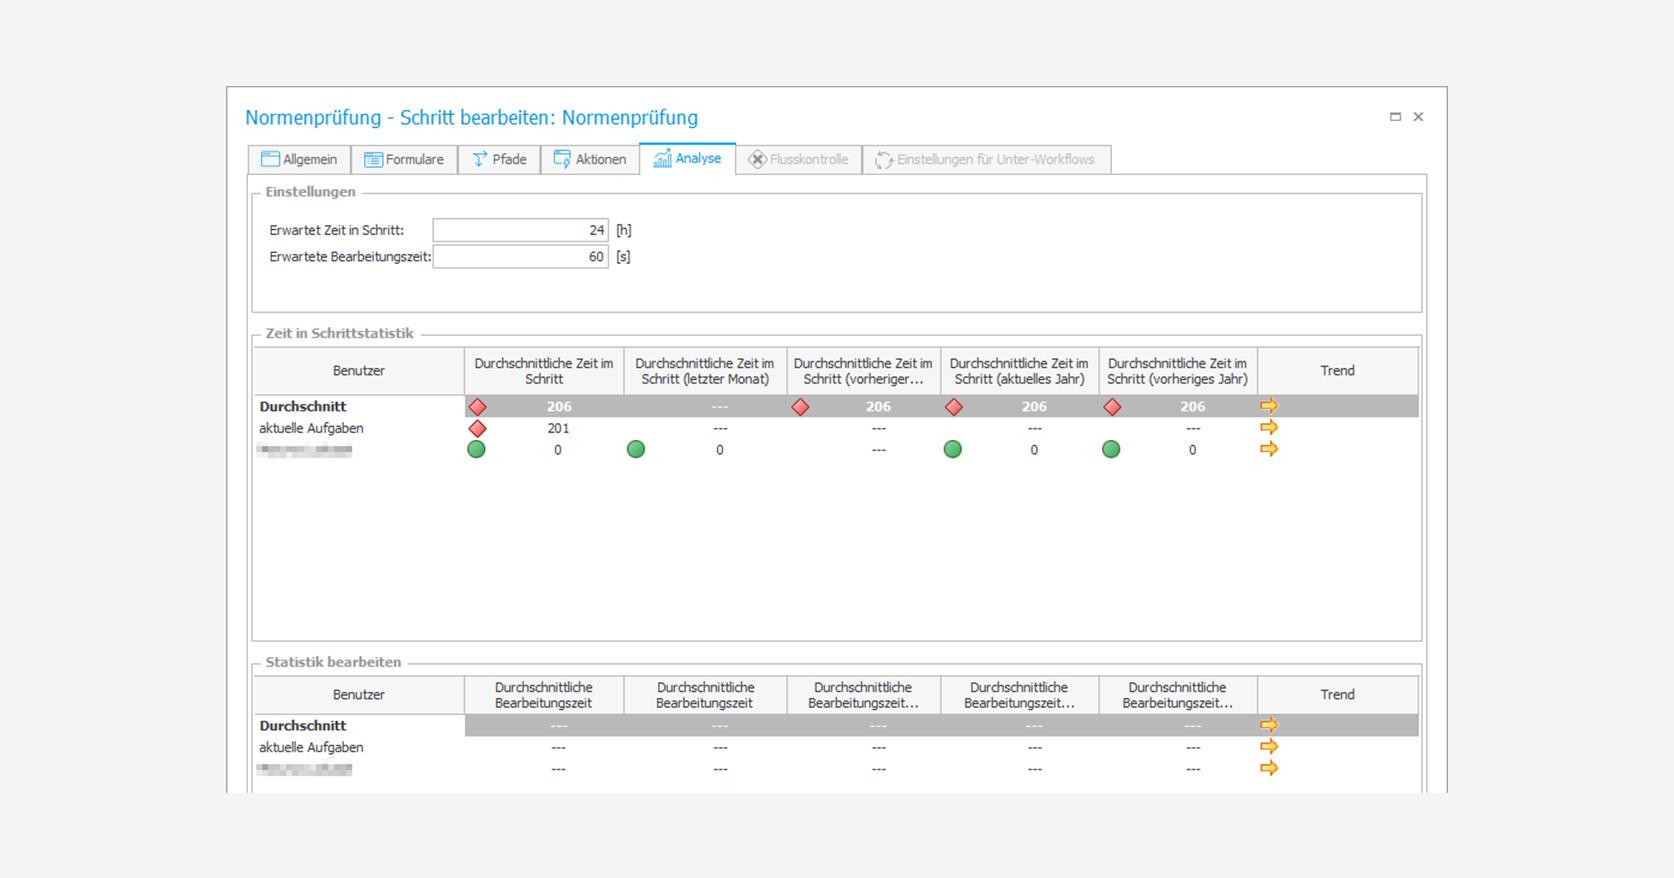 Werksnormen-Prüfung digitalisieren: Durchschnittliche Zeit Analyse in einem bestimmten Schritt (KPI)